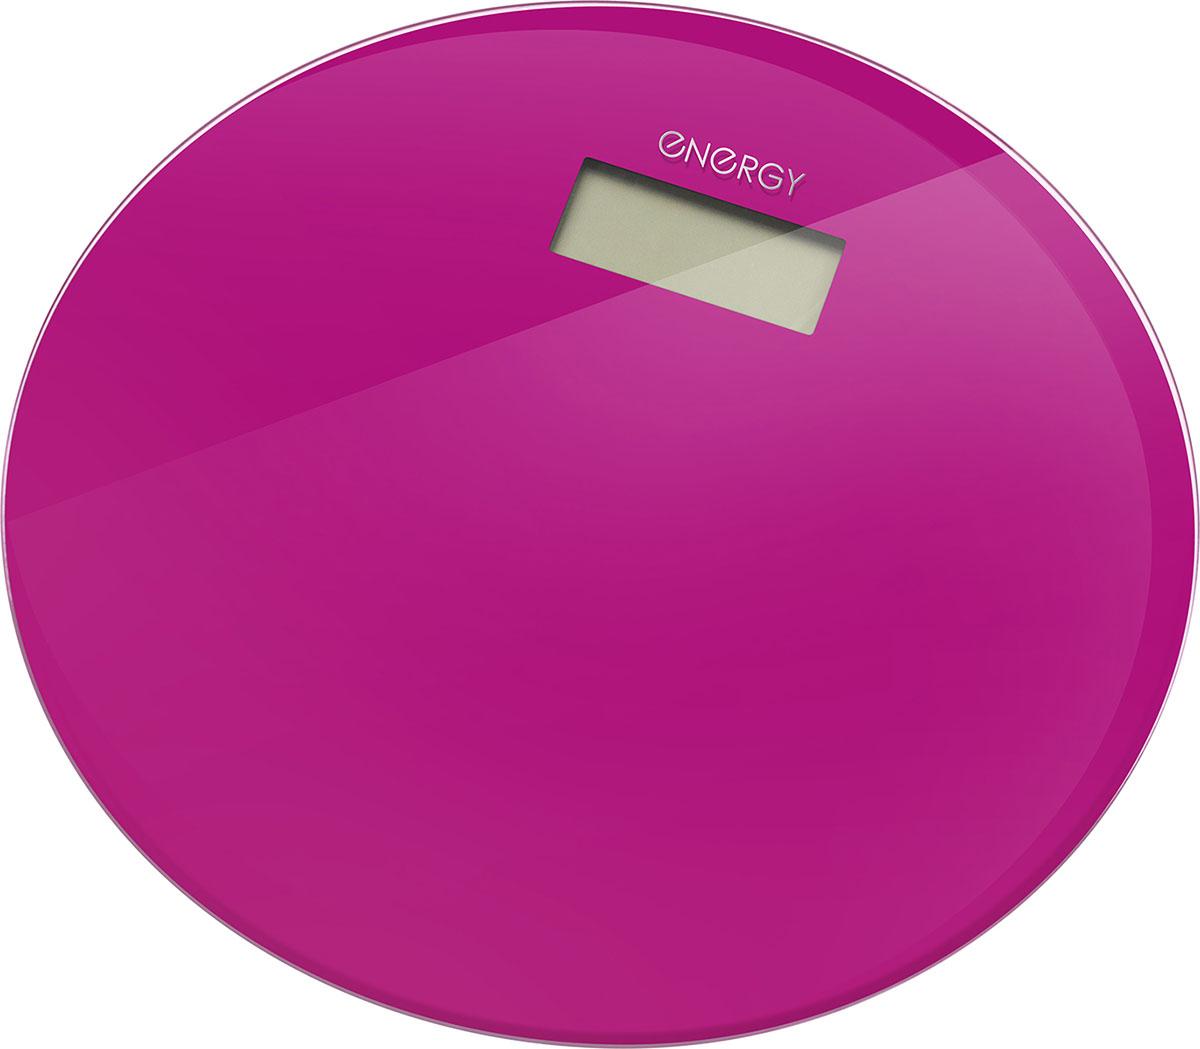 Energy EN-420 RIO, Pinkнапольные весы Energy